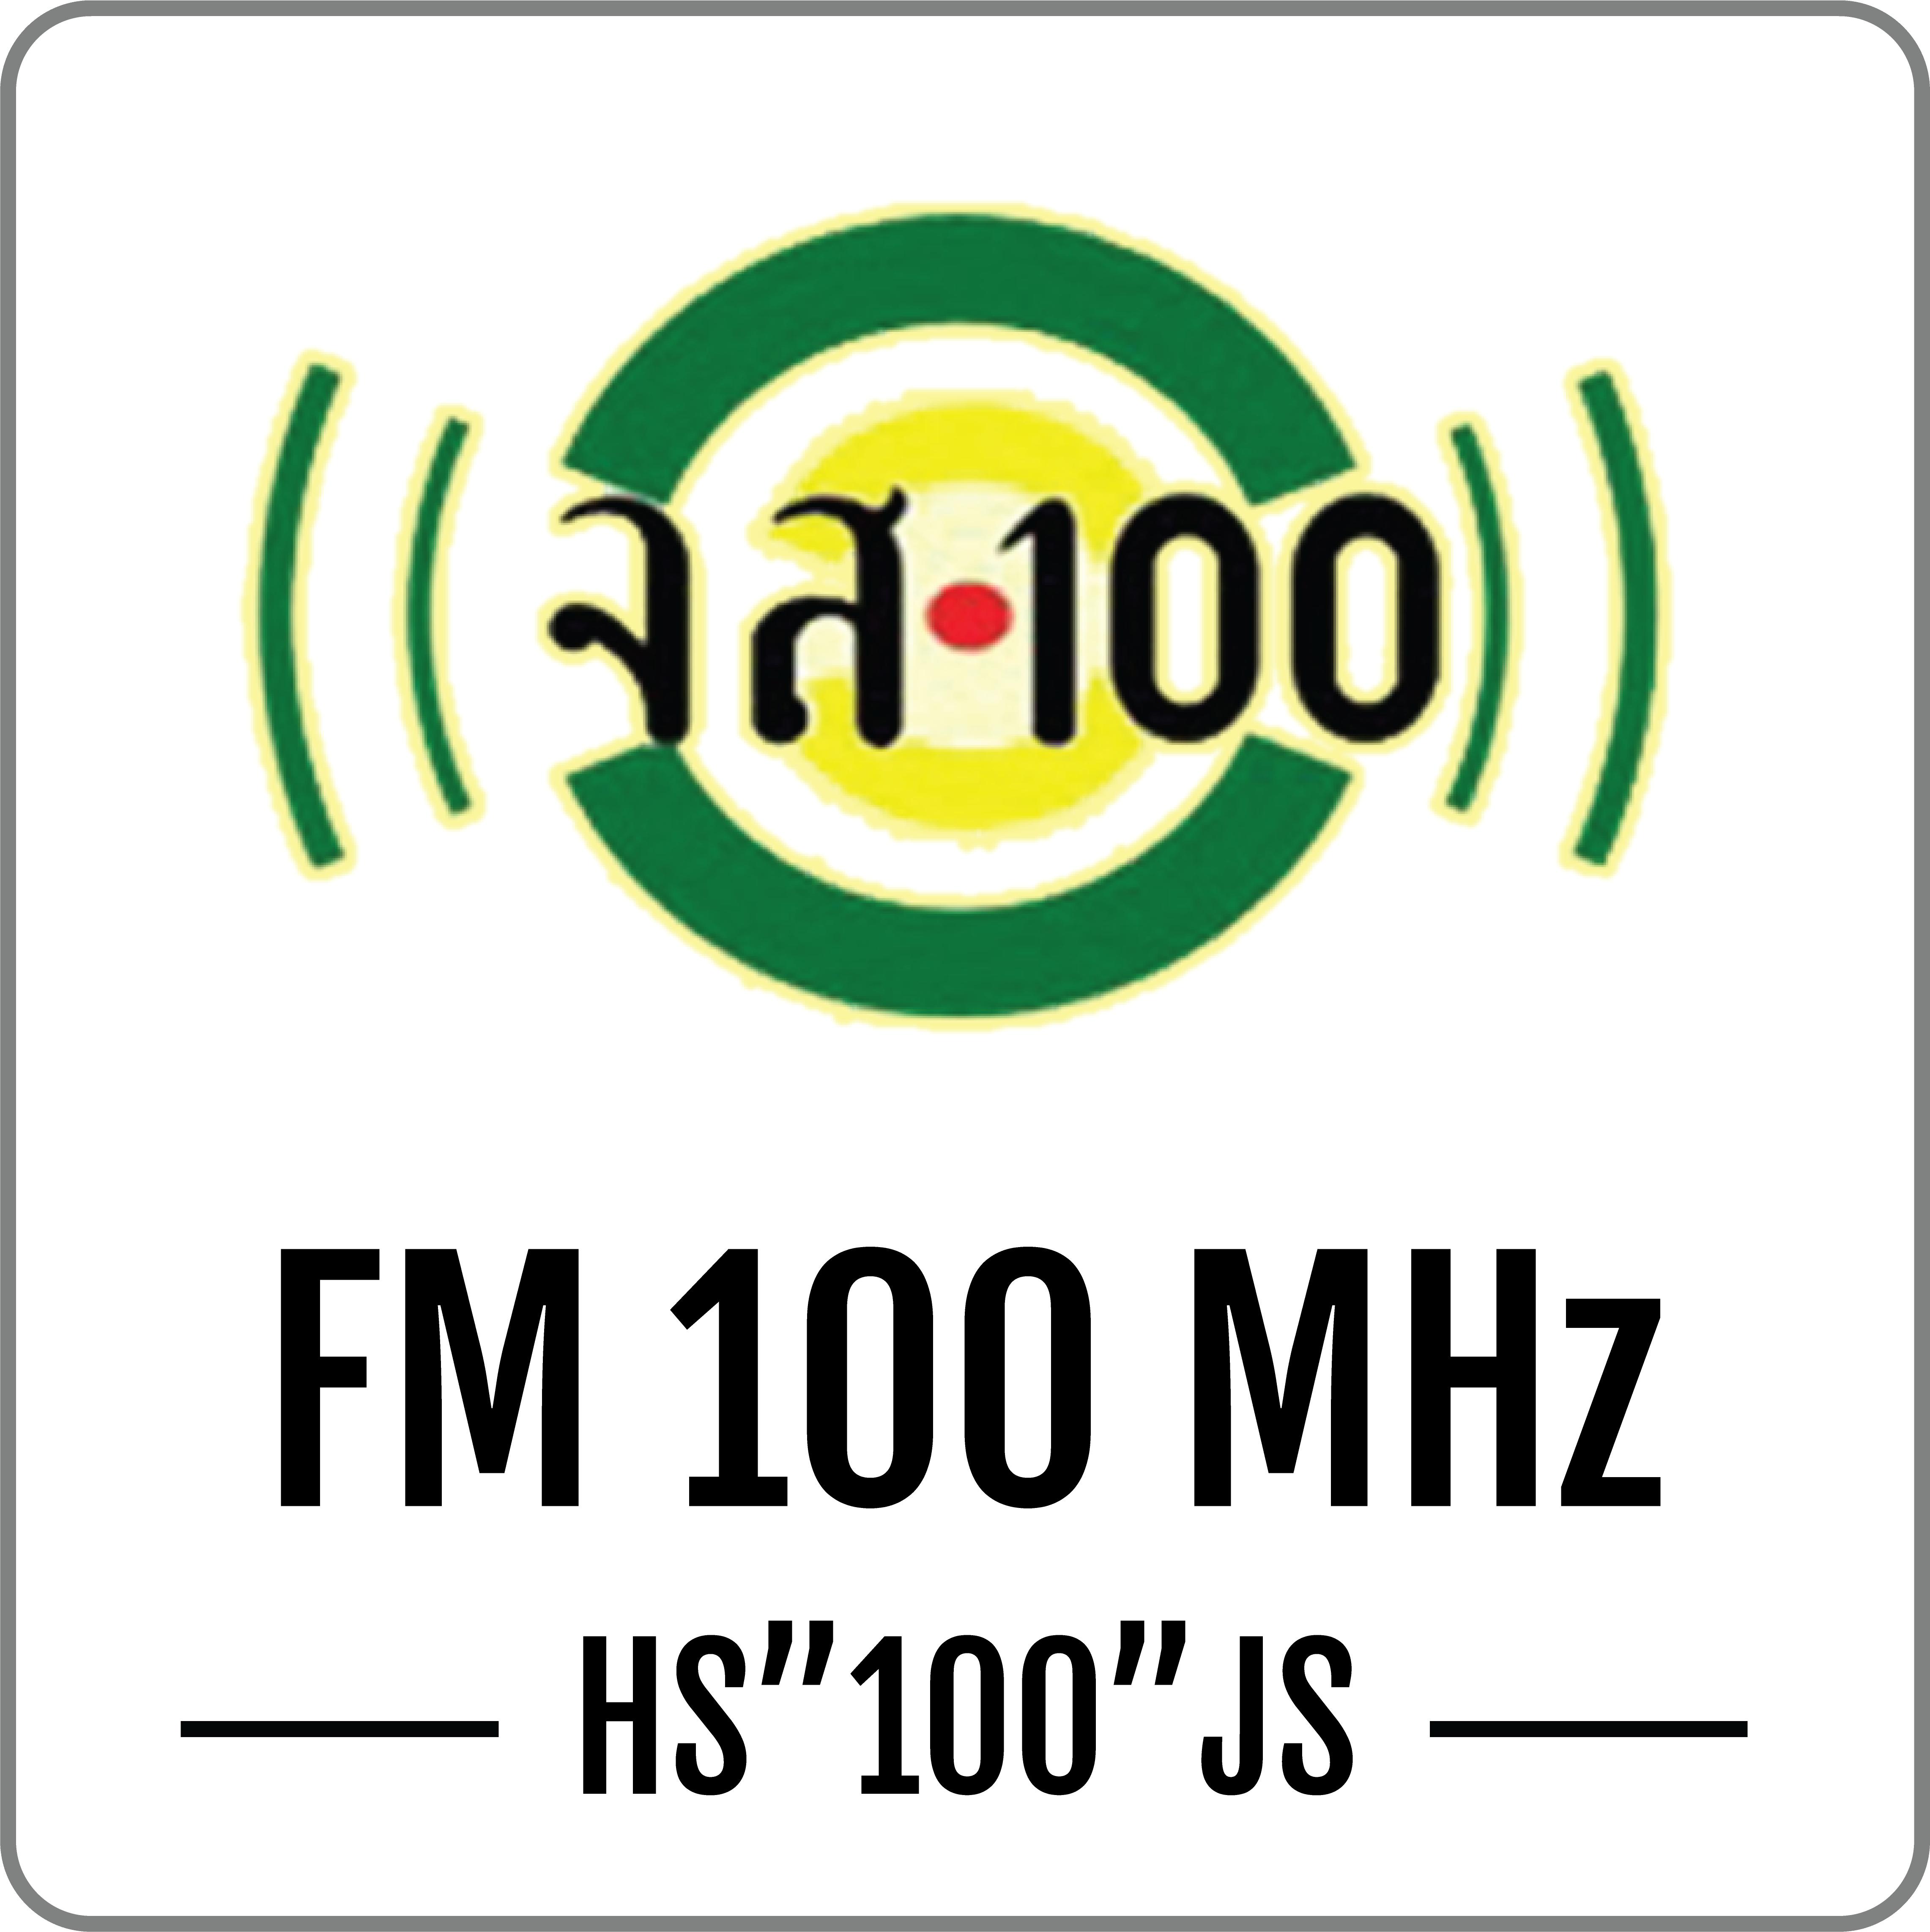 สถานีวิทยุจเรทหารสื่อสาร FM 100